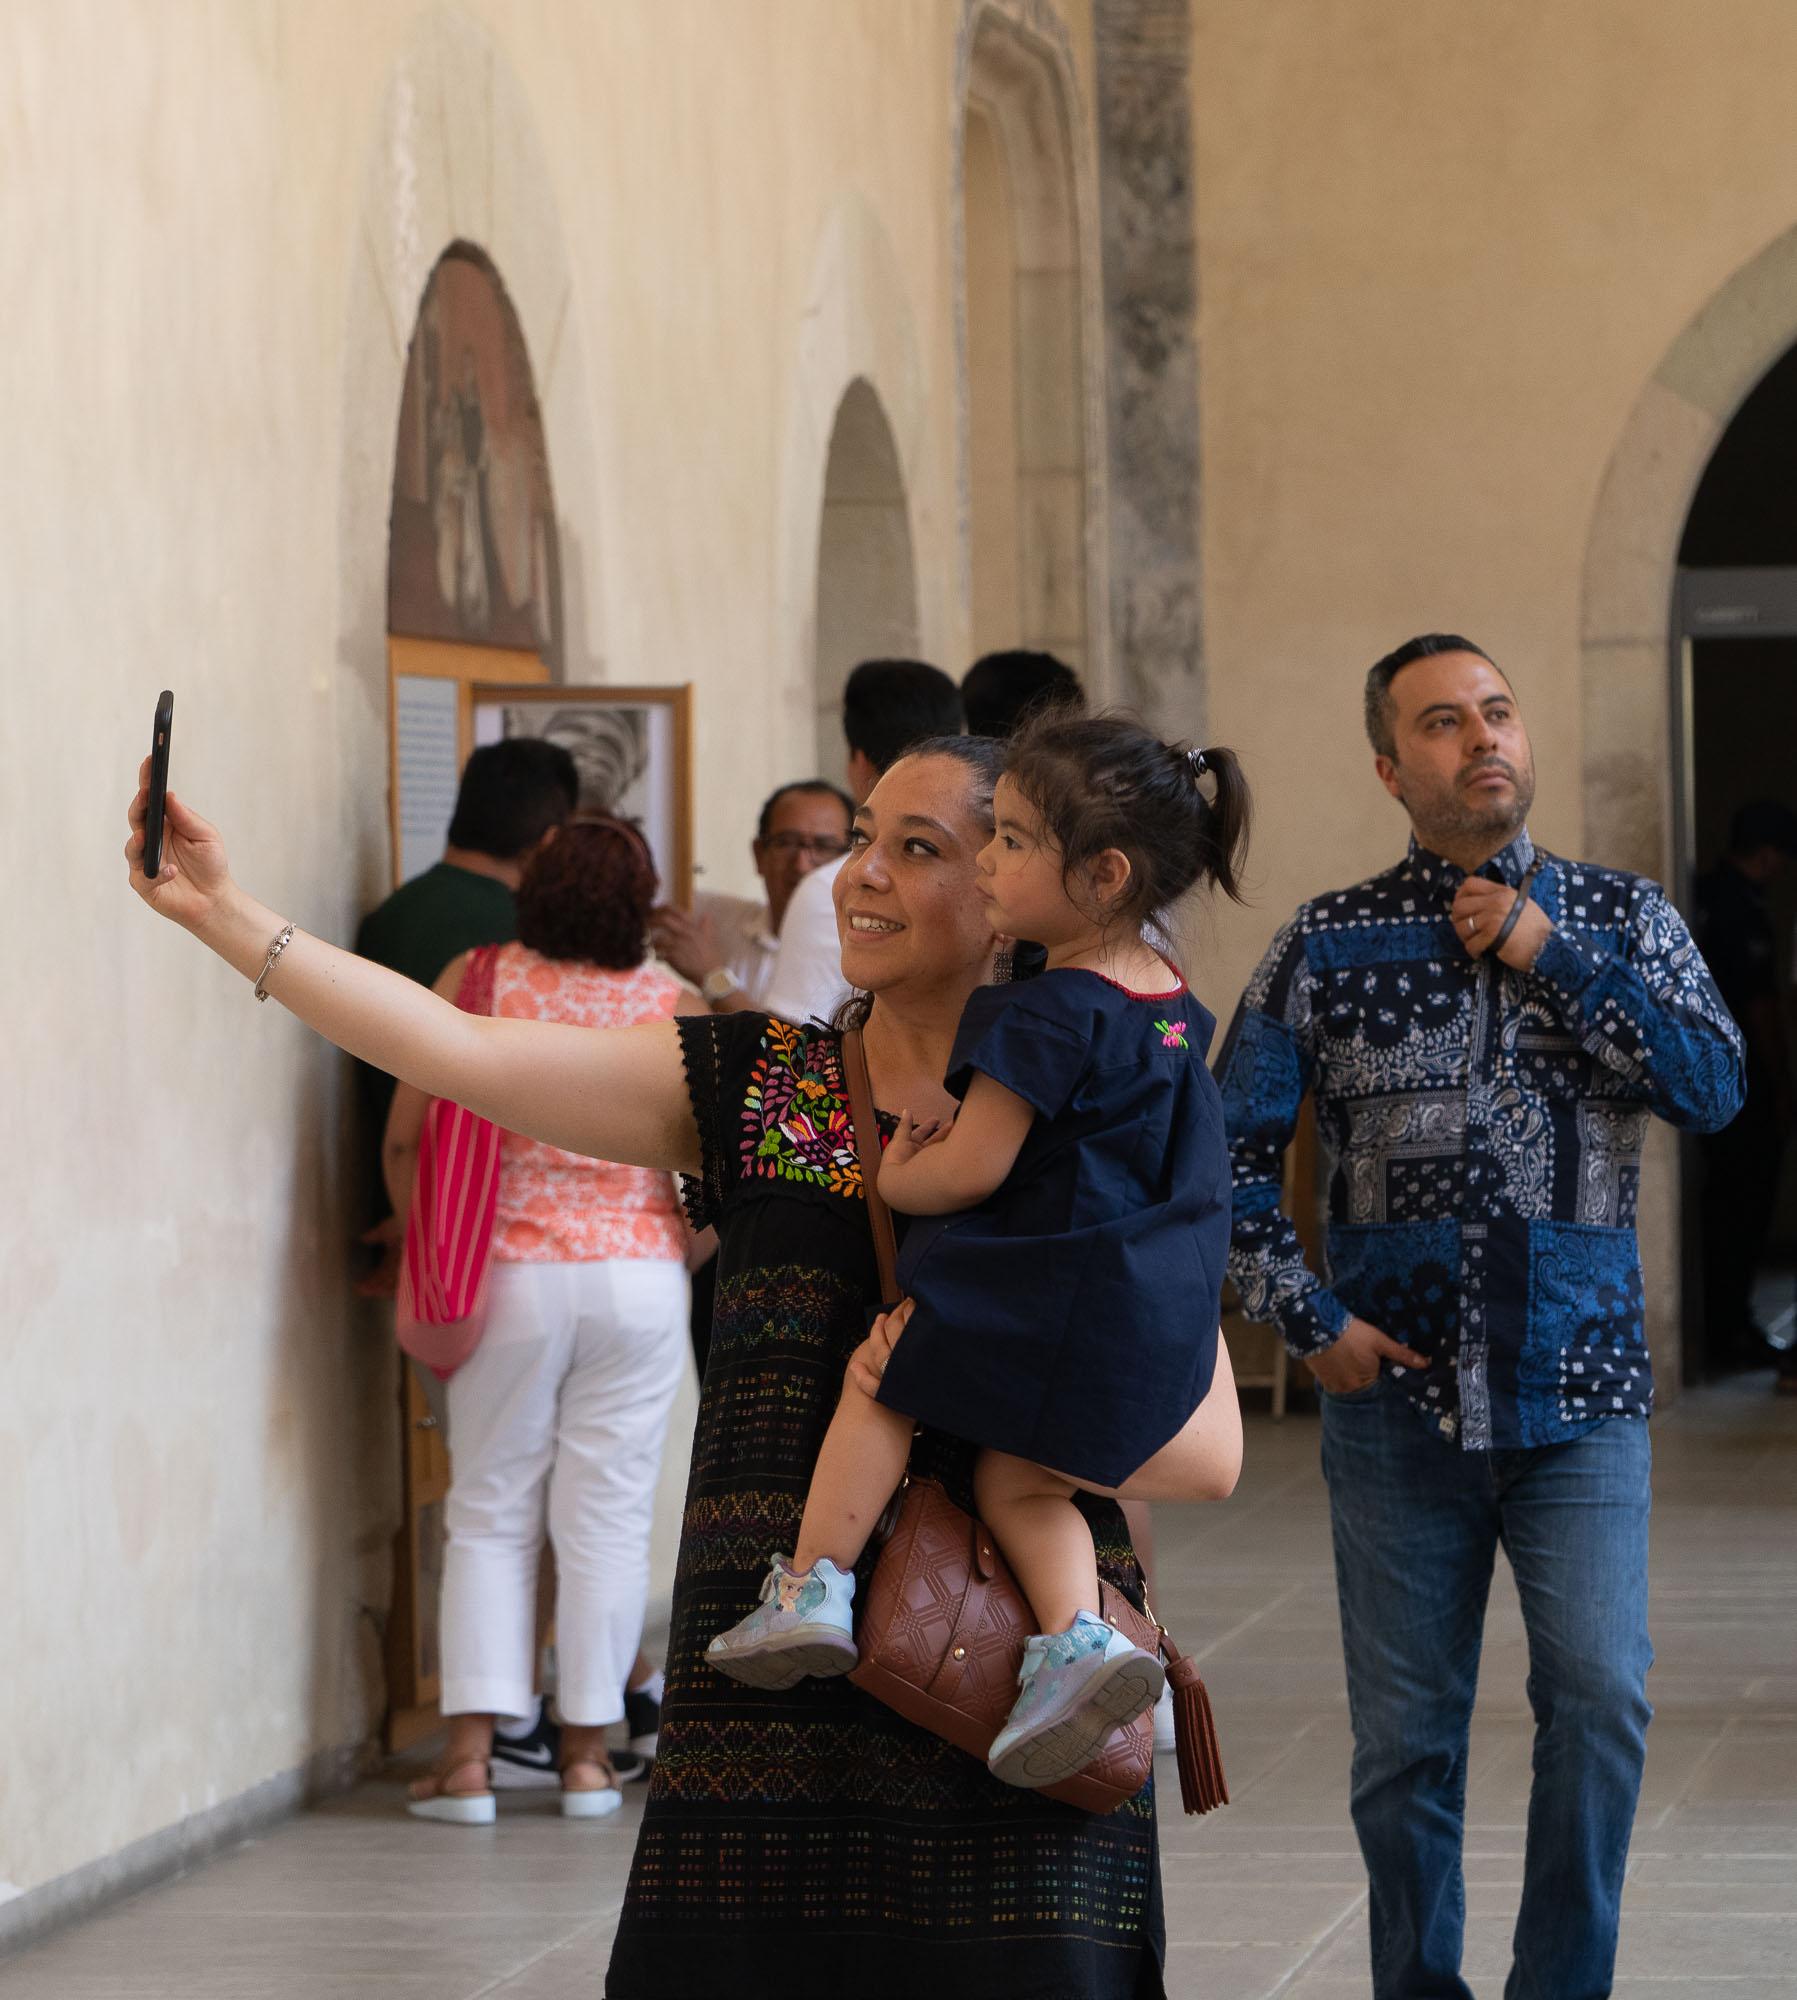 Teaching, Art of the Selfie